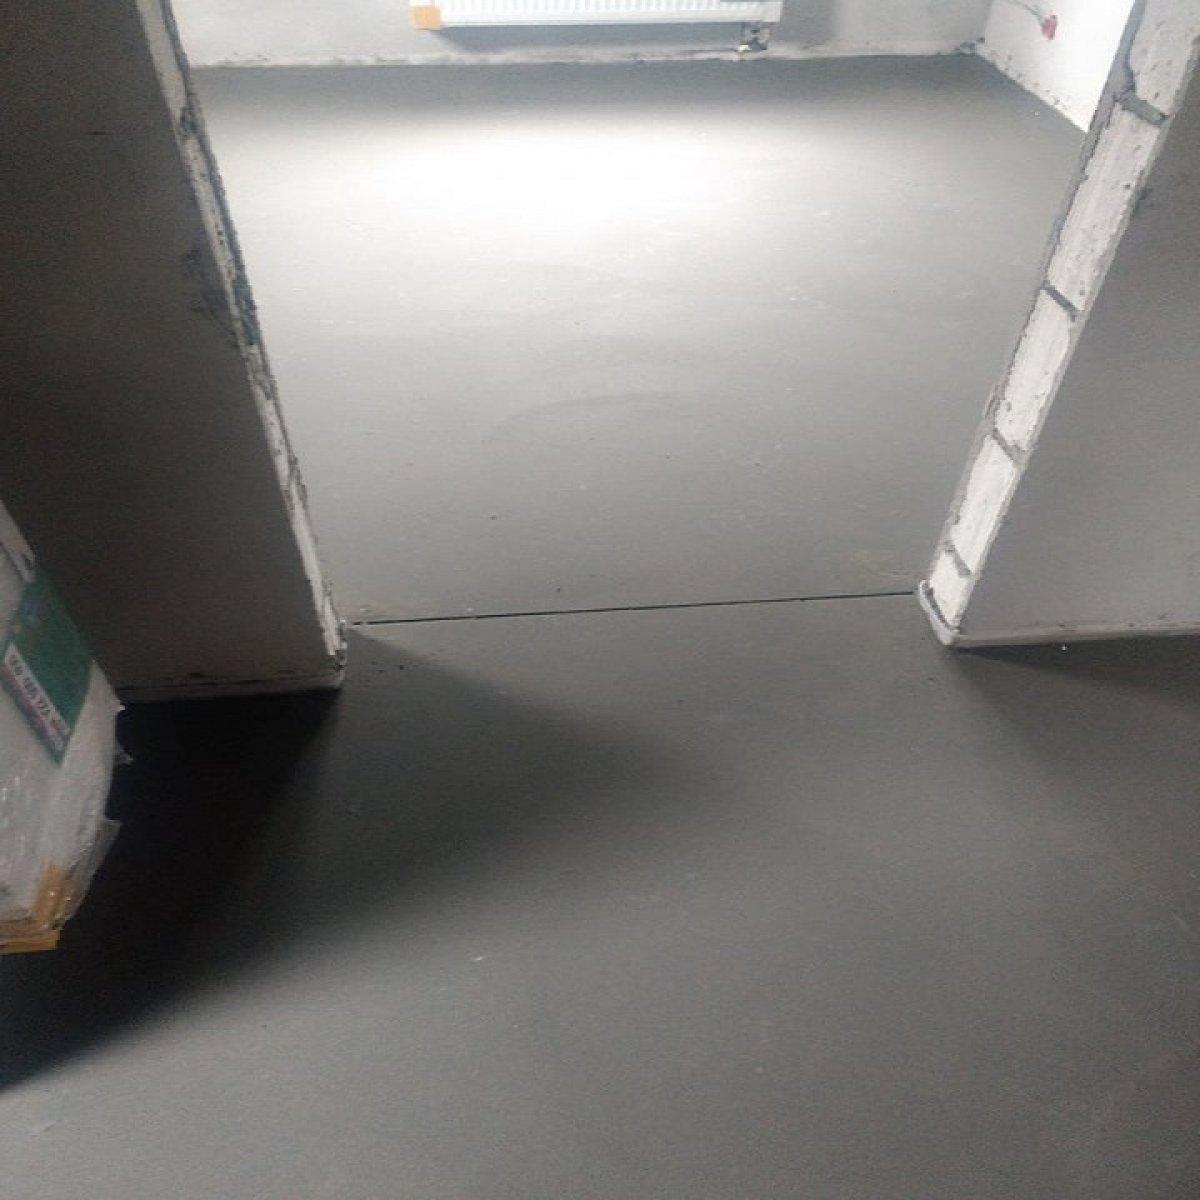 Posadzki maszynowe wylewki betonowe Piotrków Trybunalski Piotrków Trybunalski - 5